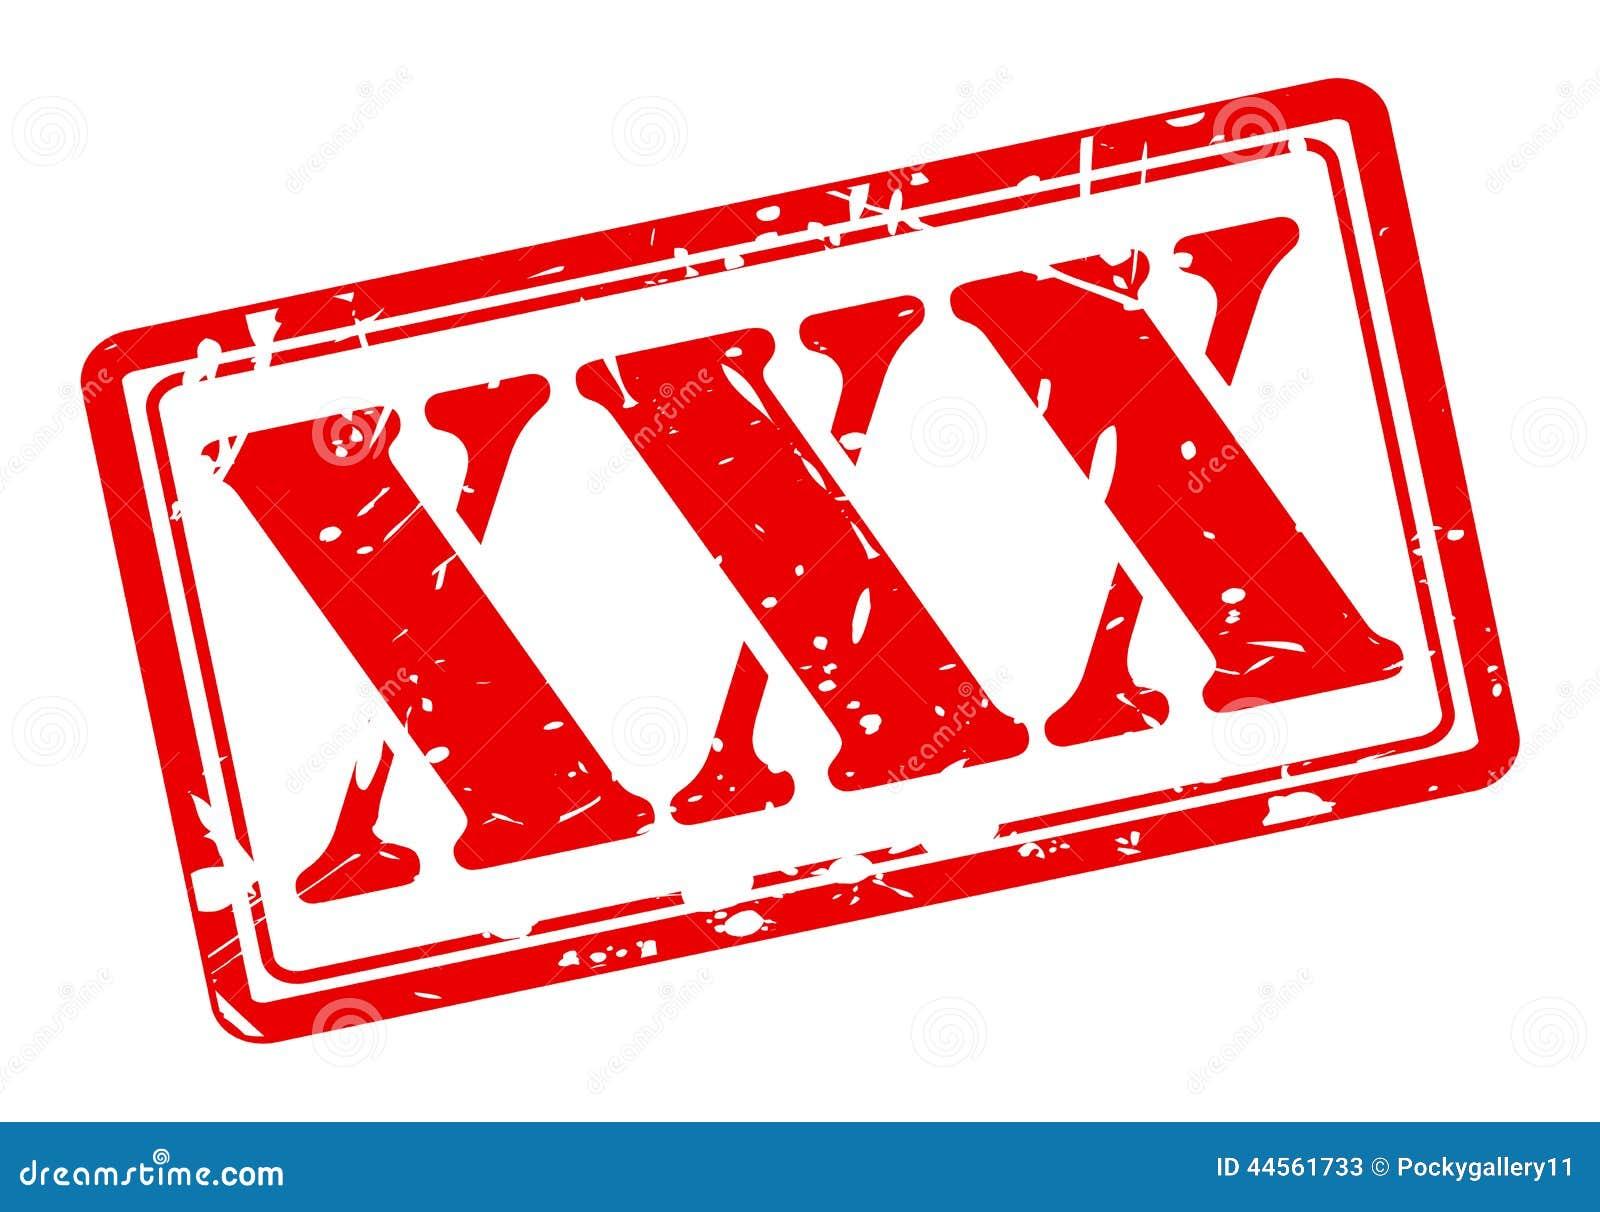 Xxx Text 50